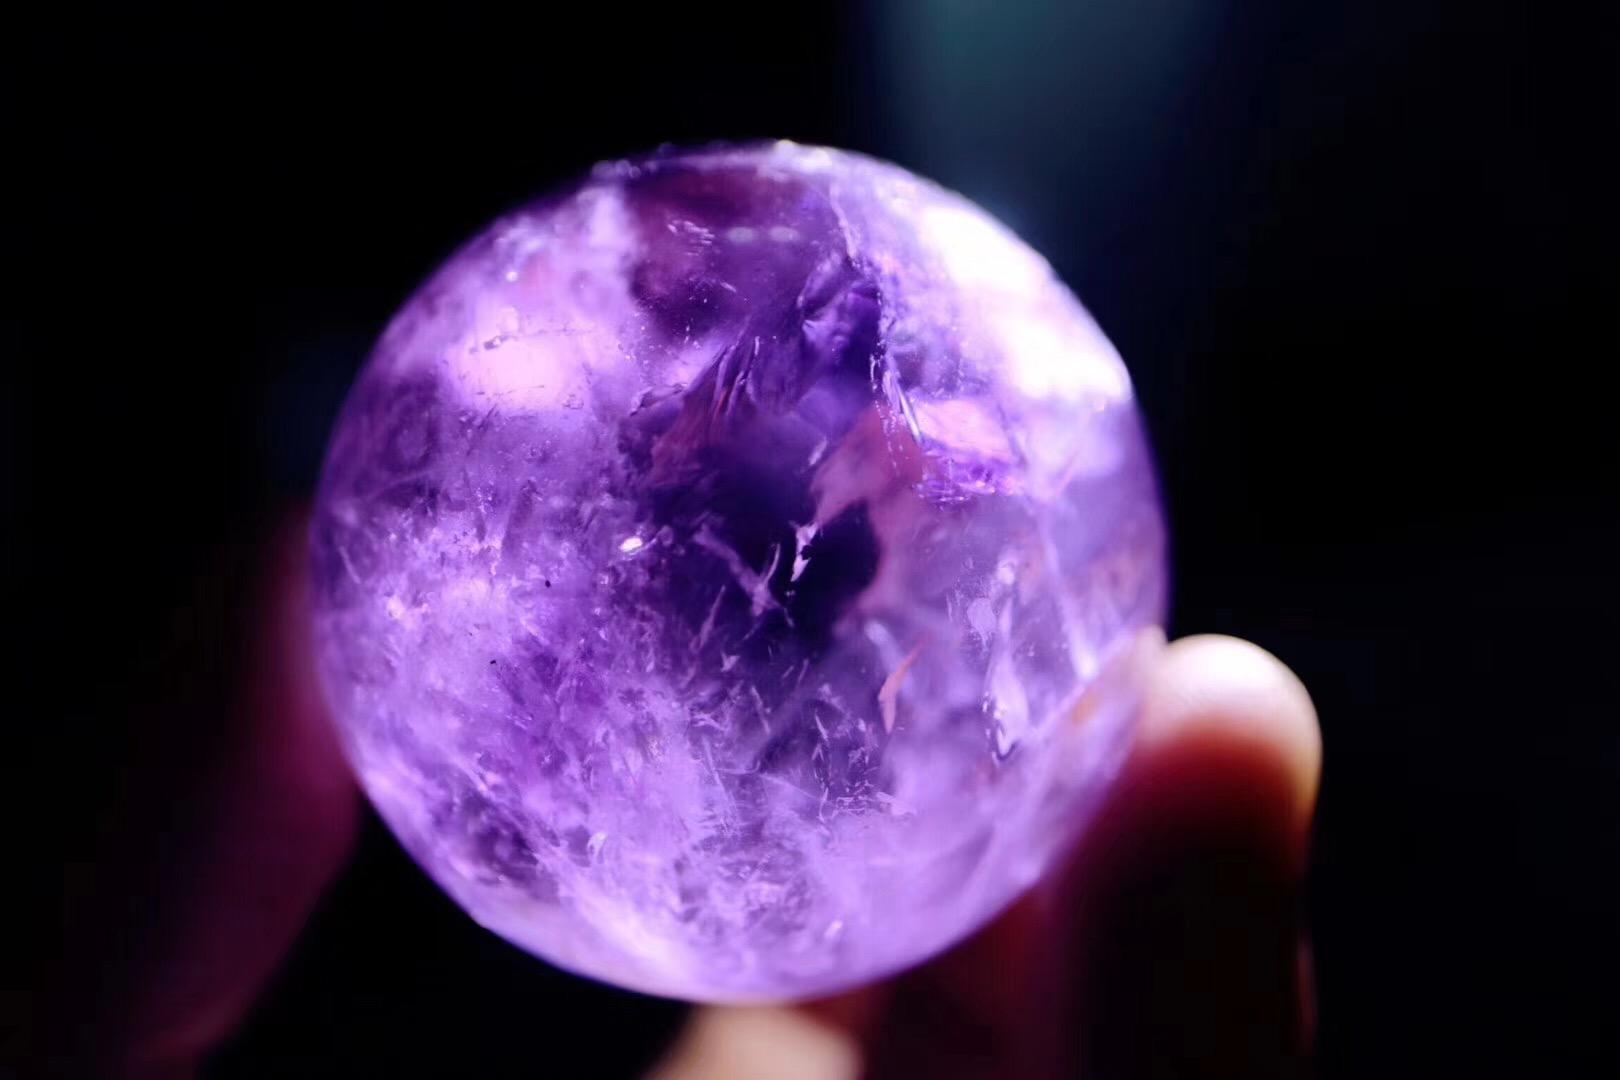 紫水晶球有什么功效和作用?紫水晶球摆哪里可以招财?-菩心晶舍